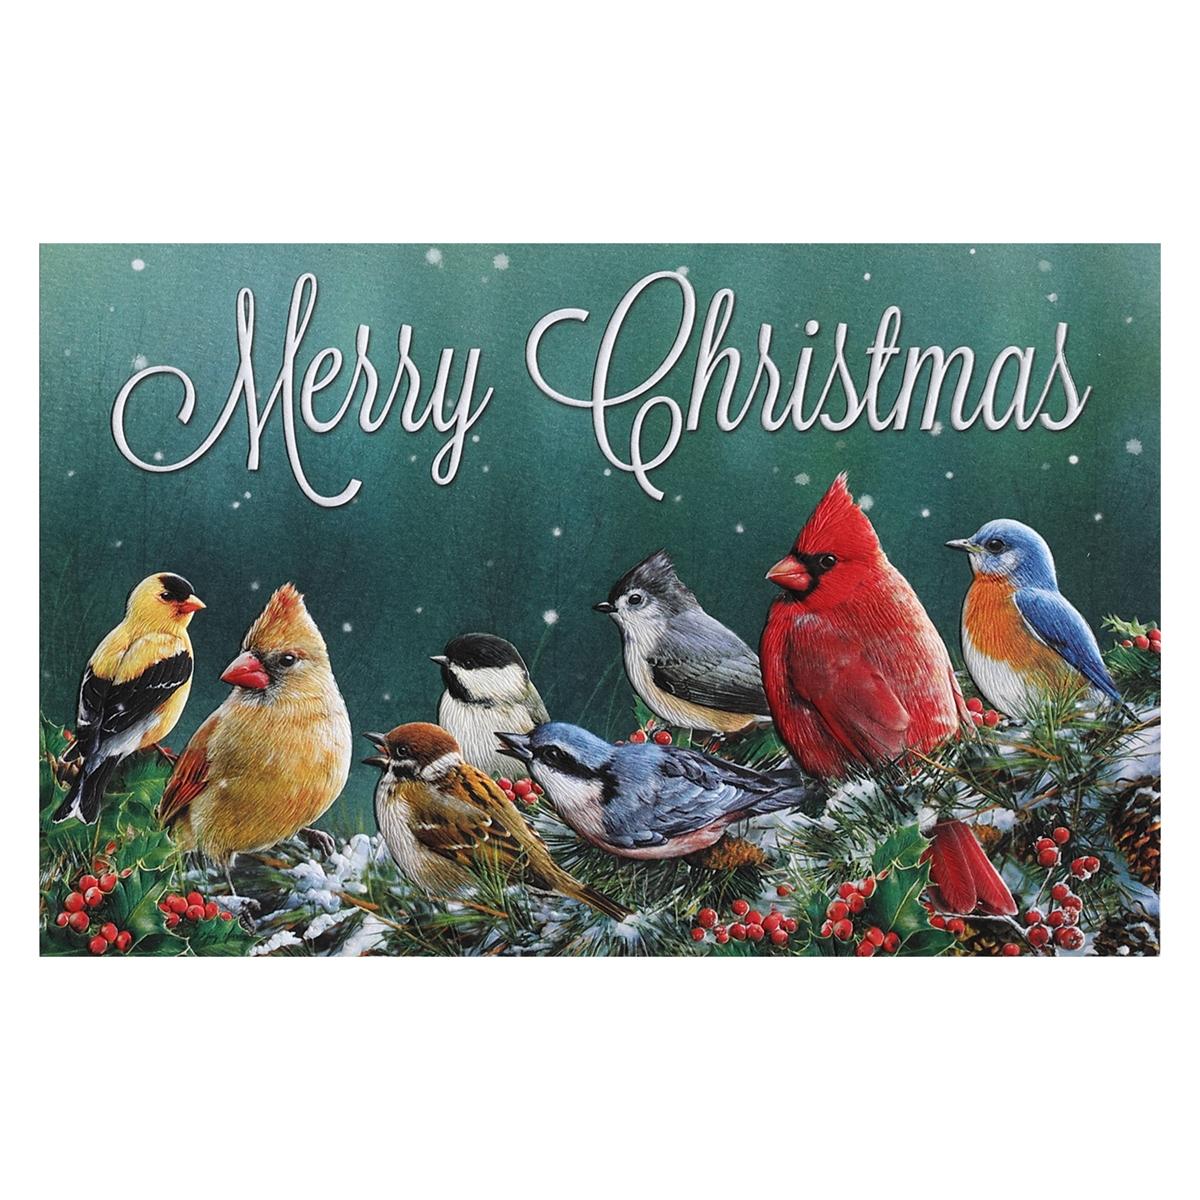 Merry Christmas Birds Card